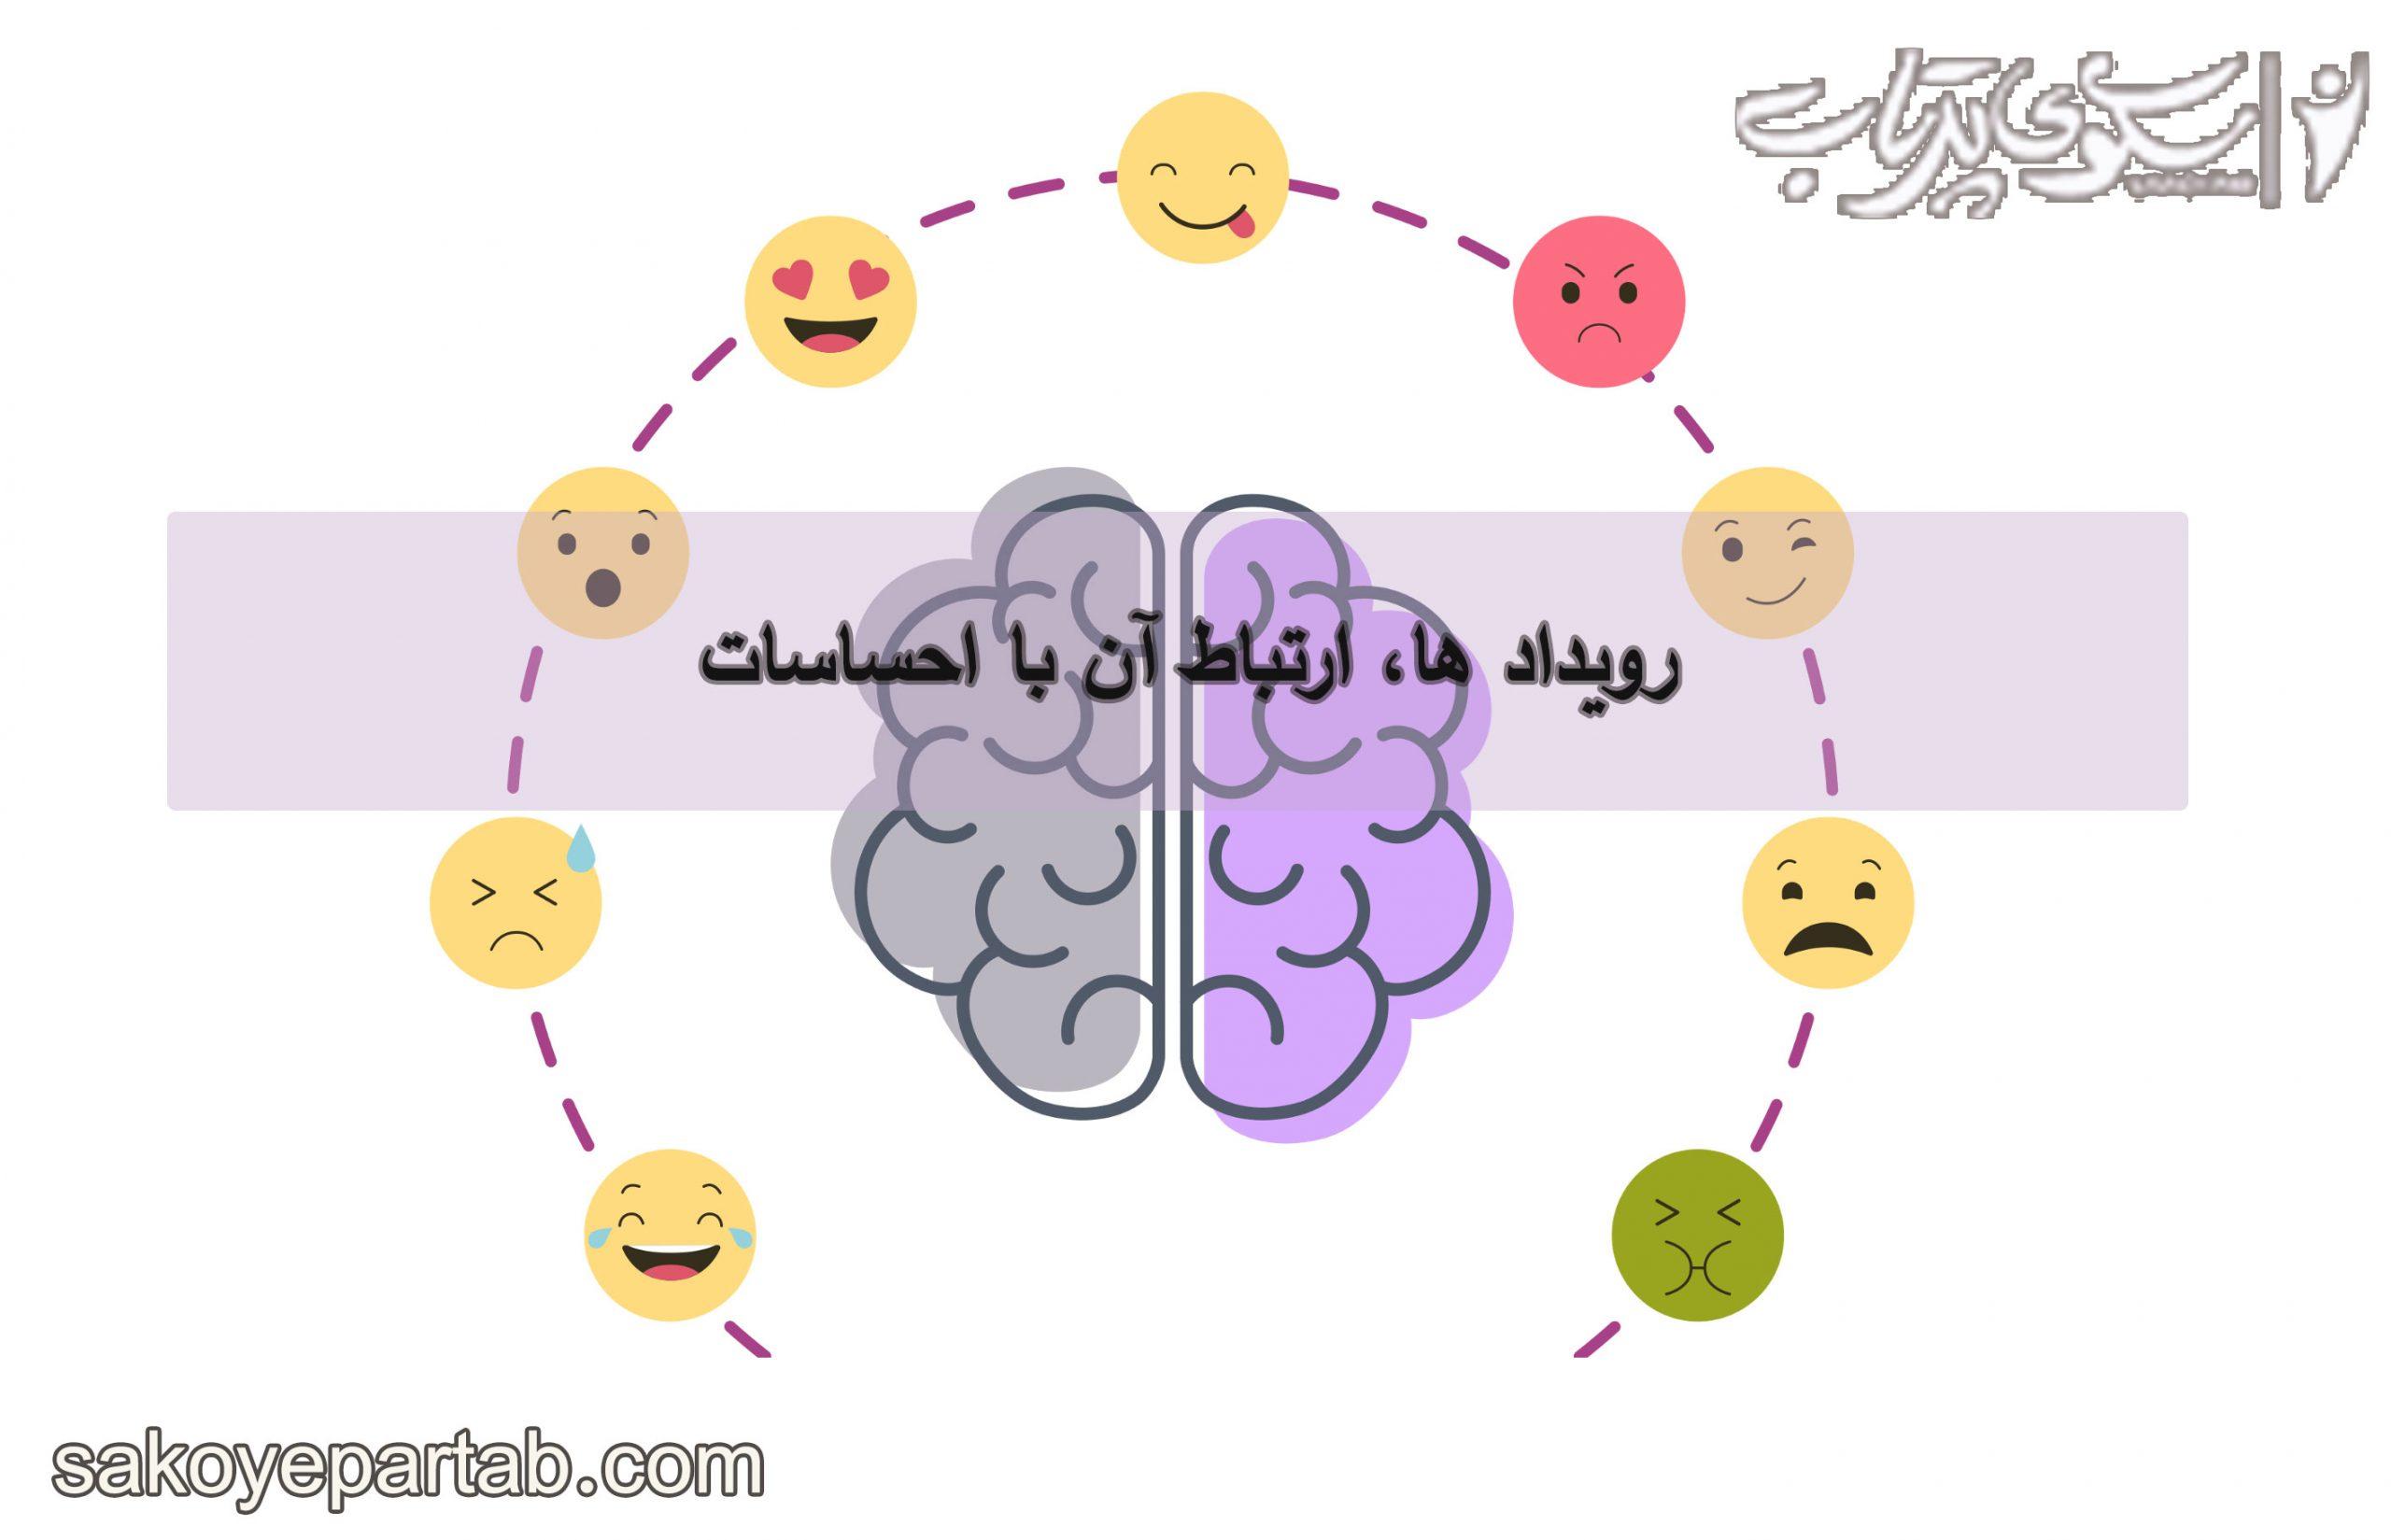 رویداد ها، ارتباط آن با احساسات